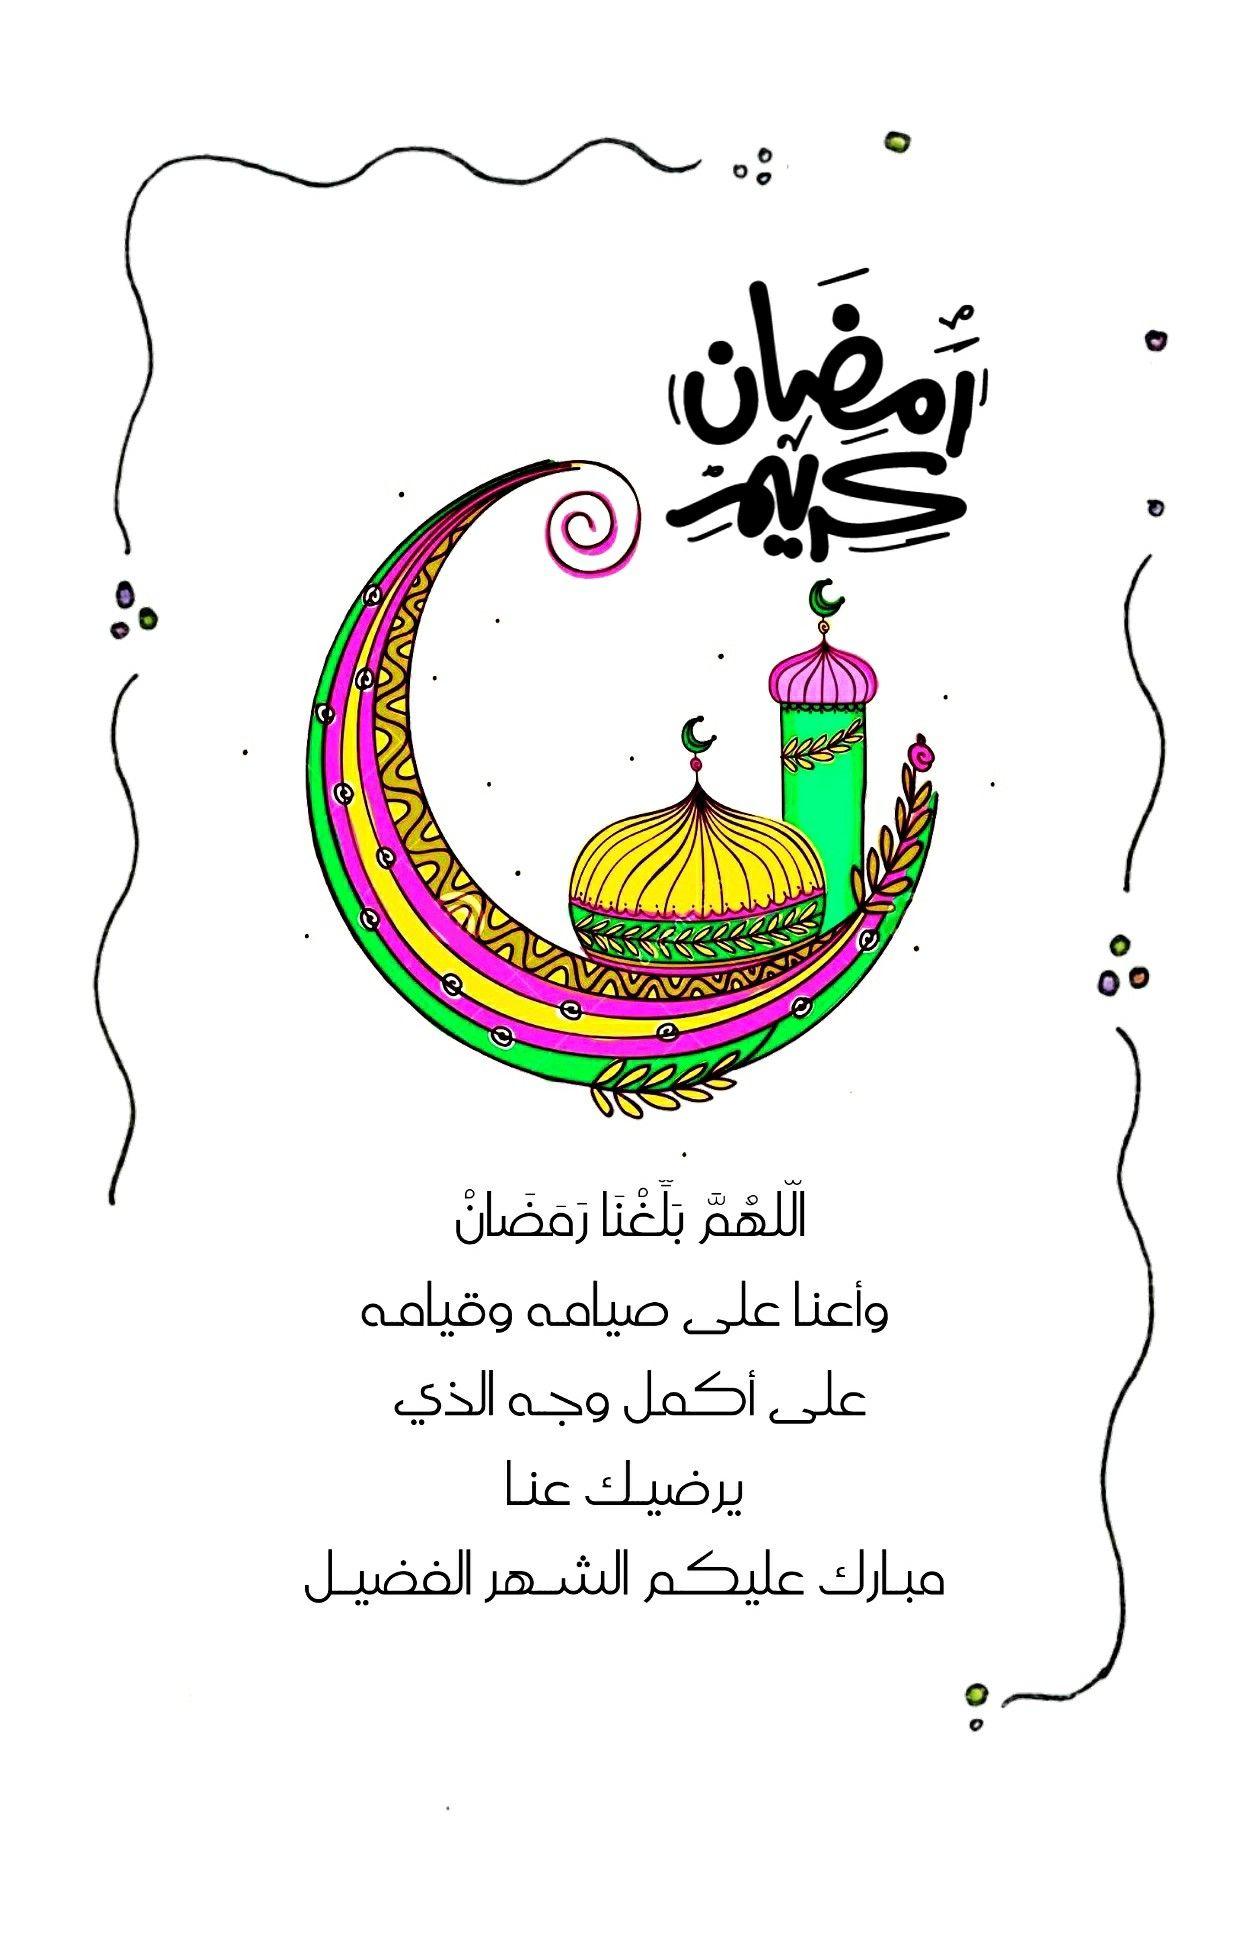 رمضــــان كريـــــم ال له م ب ل غ ن ا ر م ض ان وأعنــا على صيامــه وقيامــه على أكمــل وجــه الذي Ramadan Quotes Ramadan Messages Ramadan Background